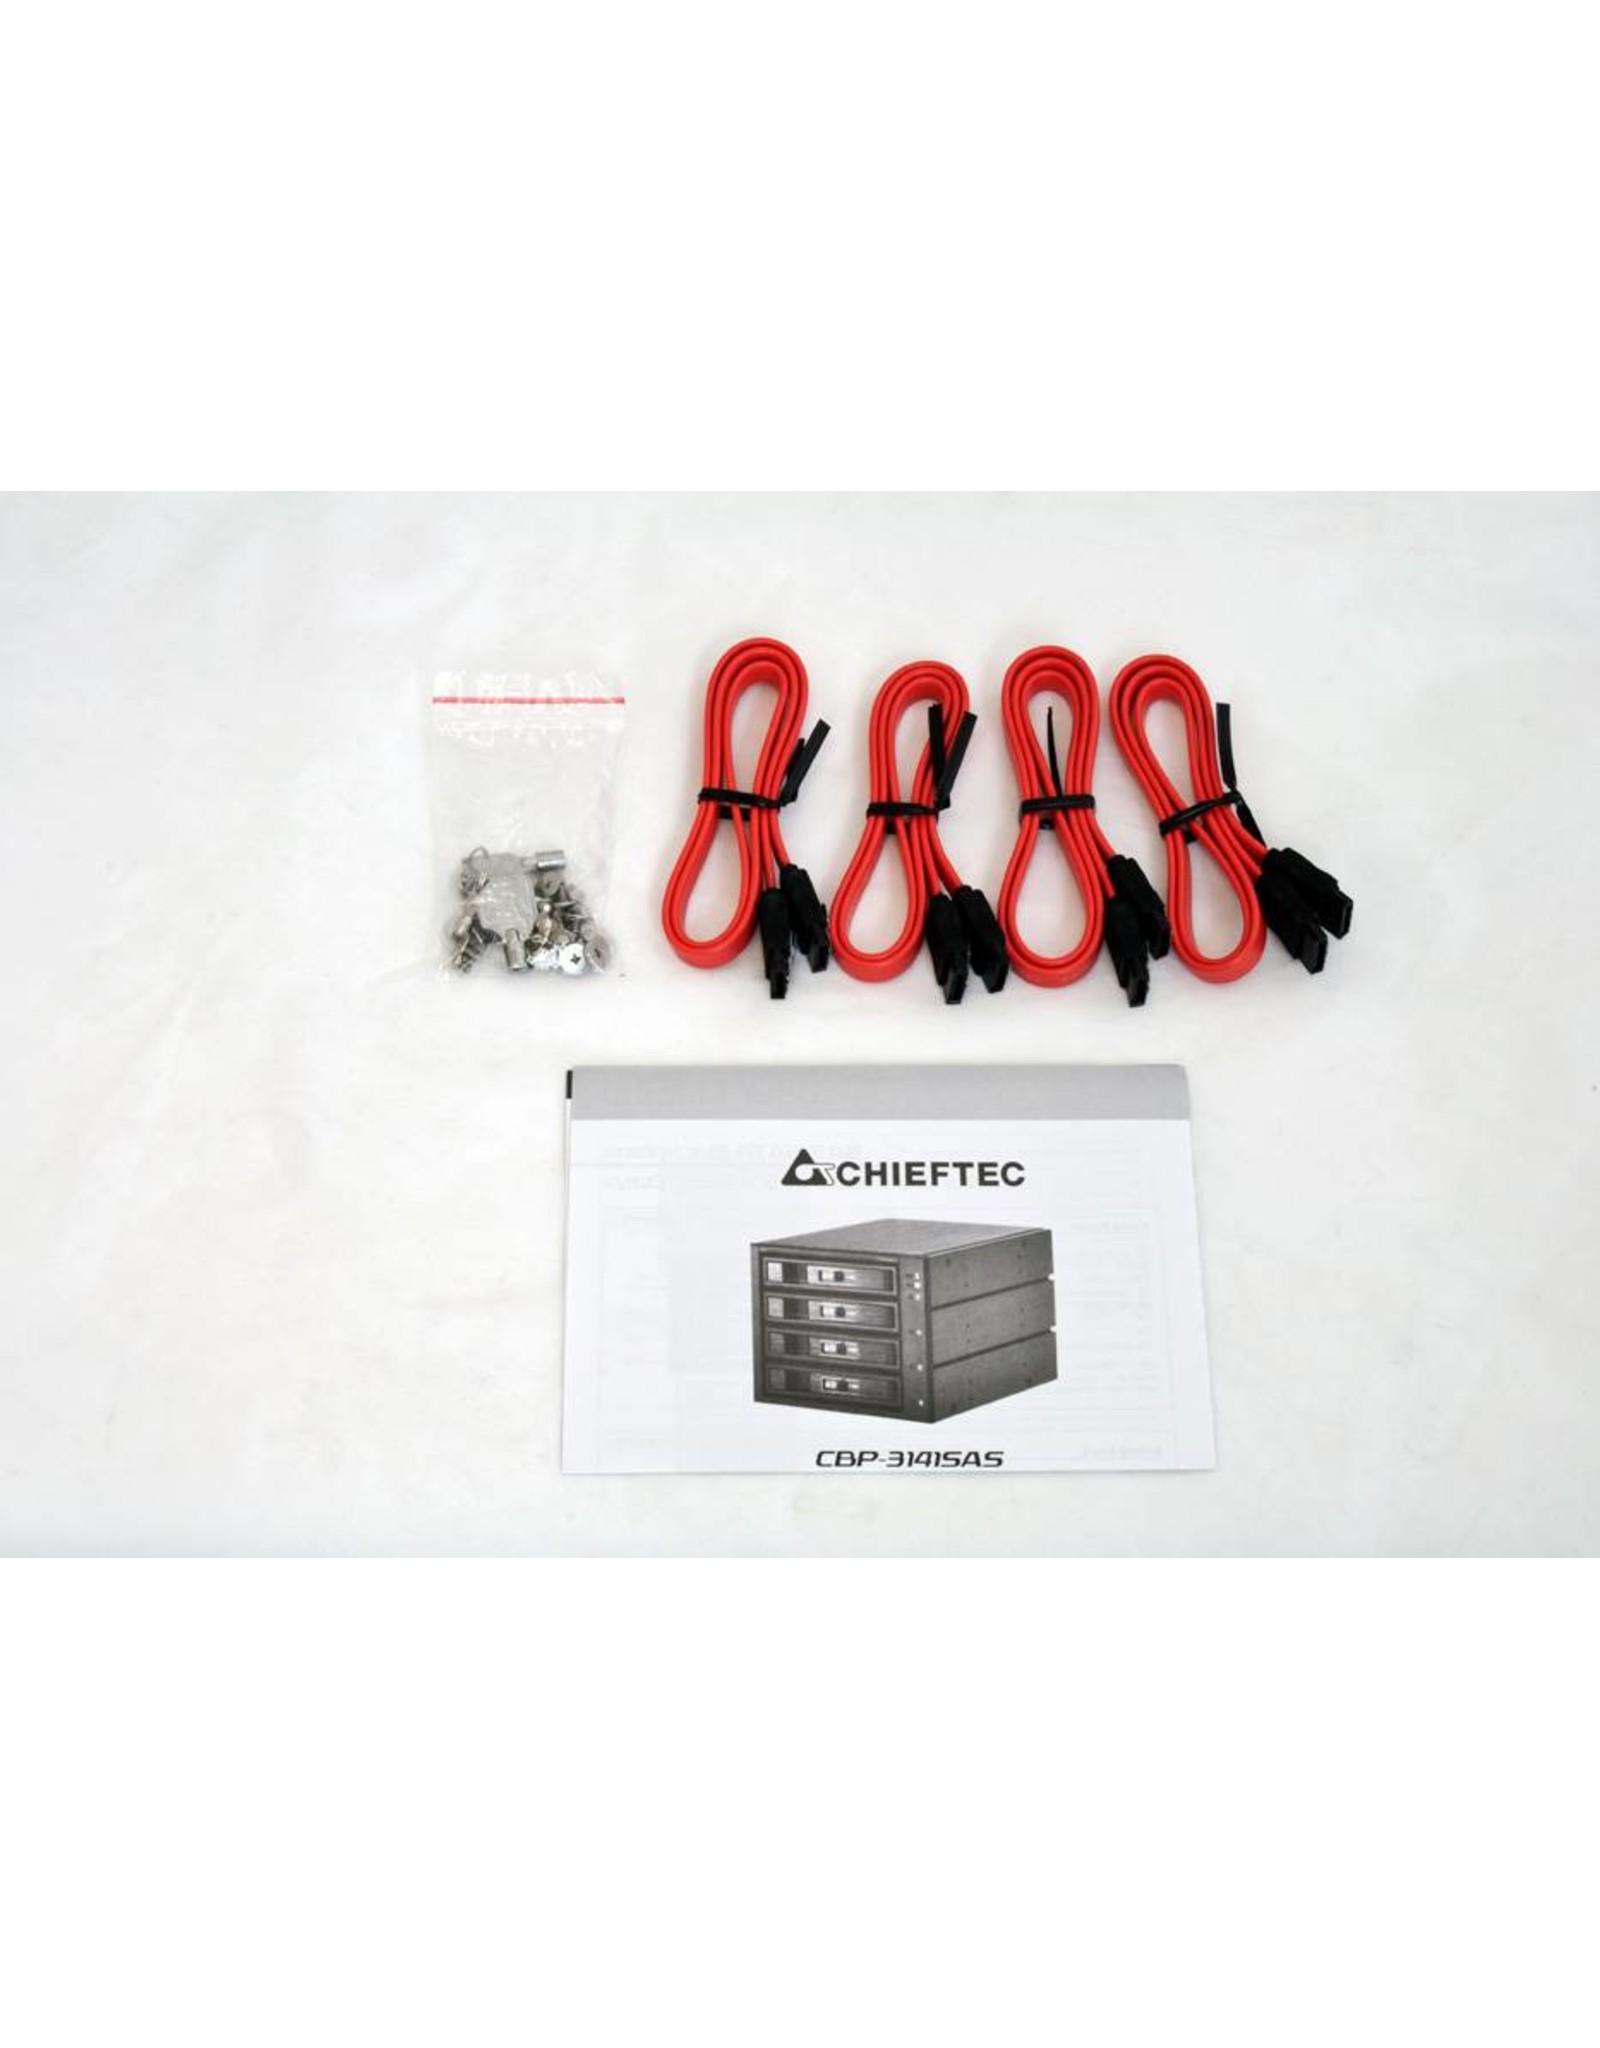 Chieftec Chieftec CBP-3141SAS opslagbehuizing